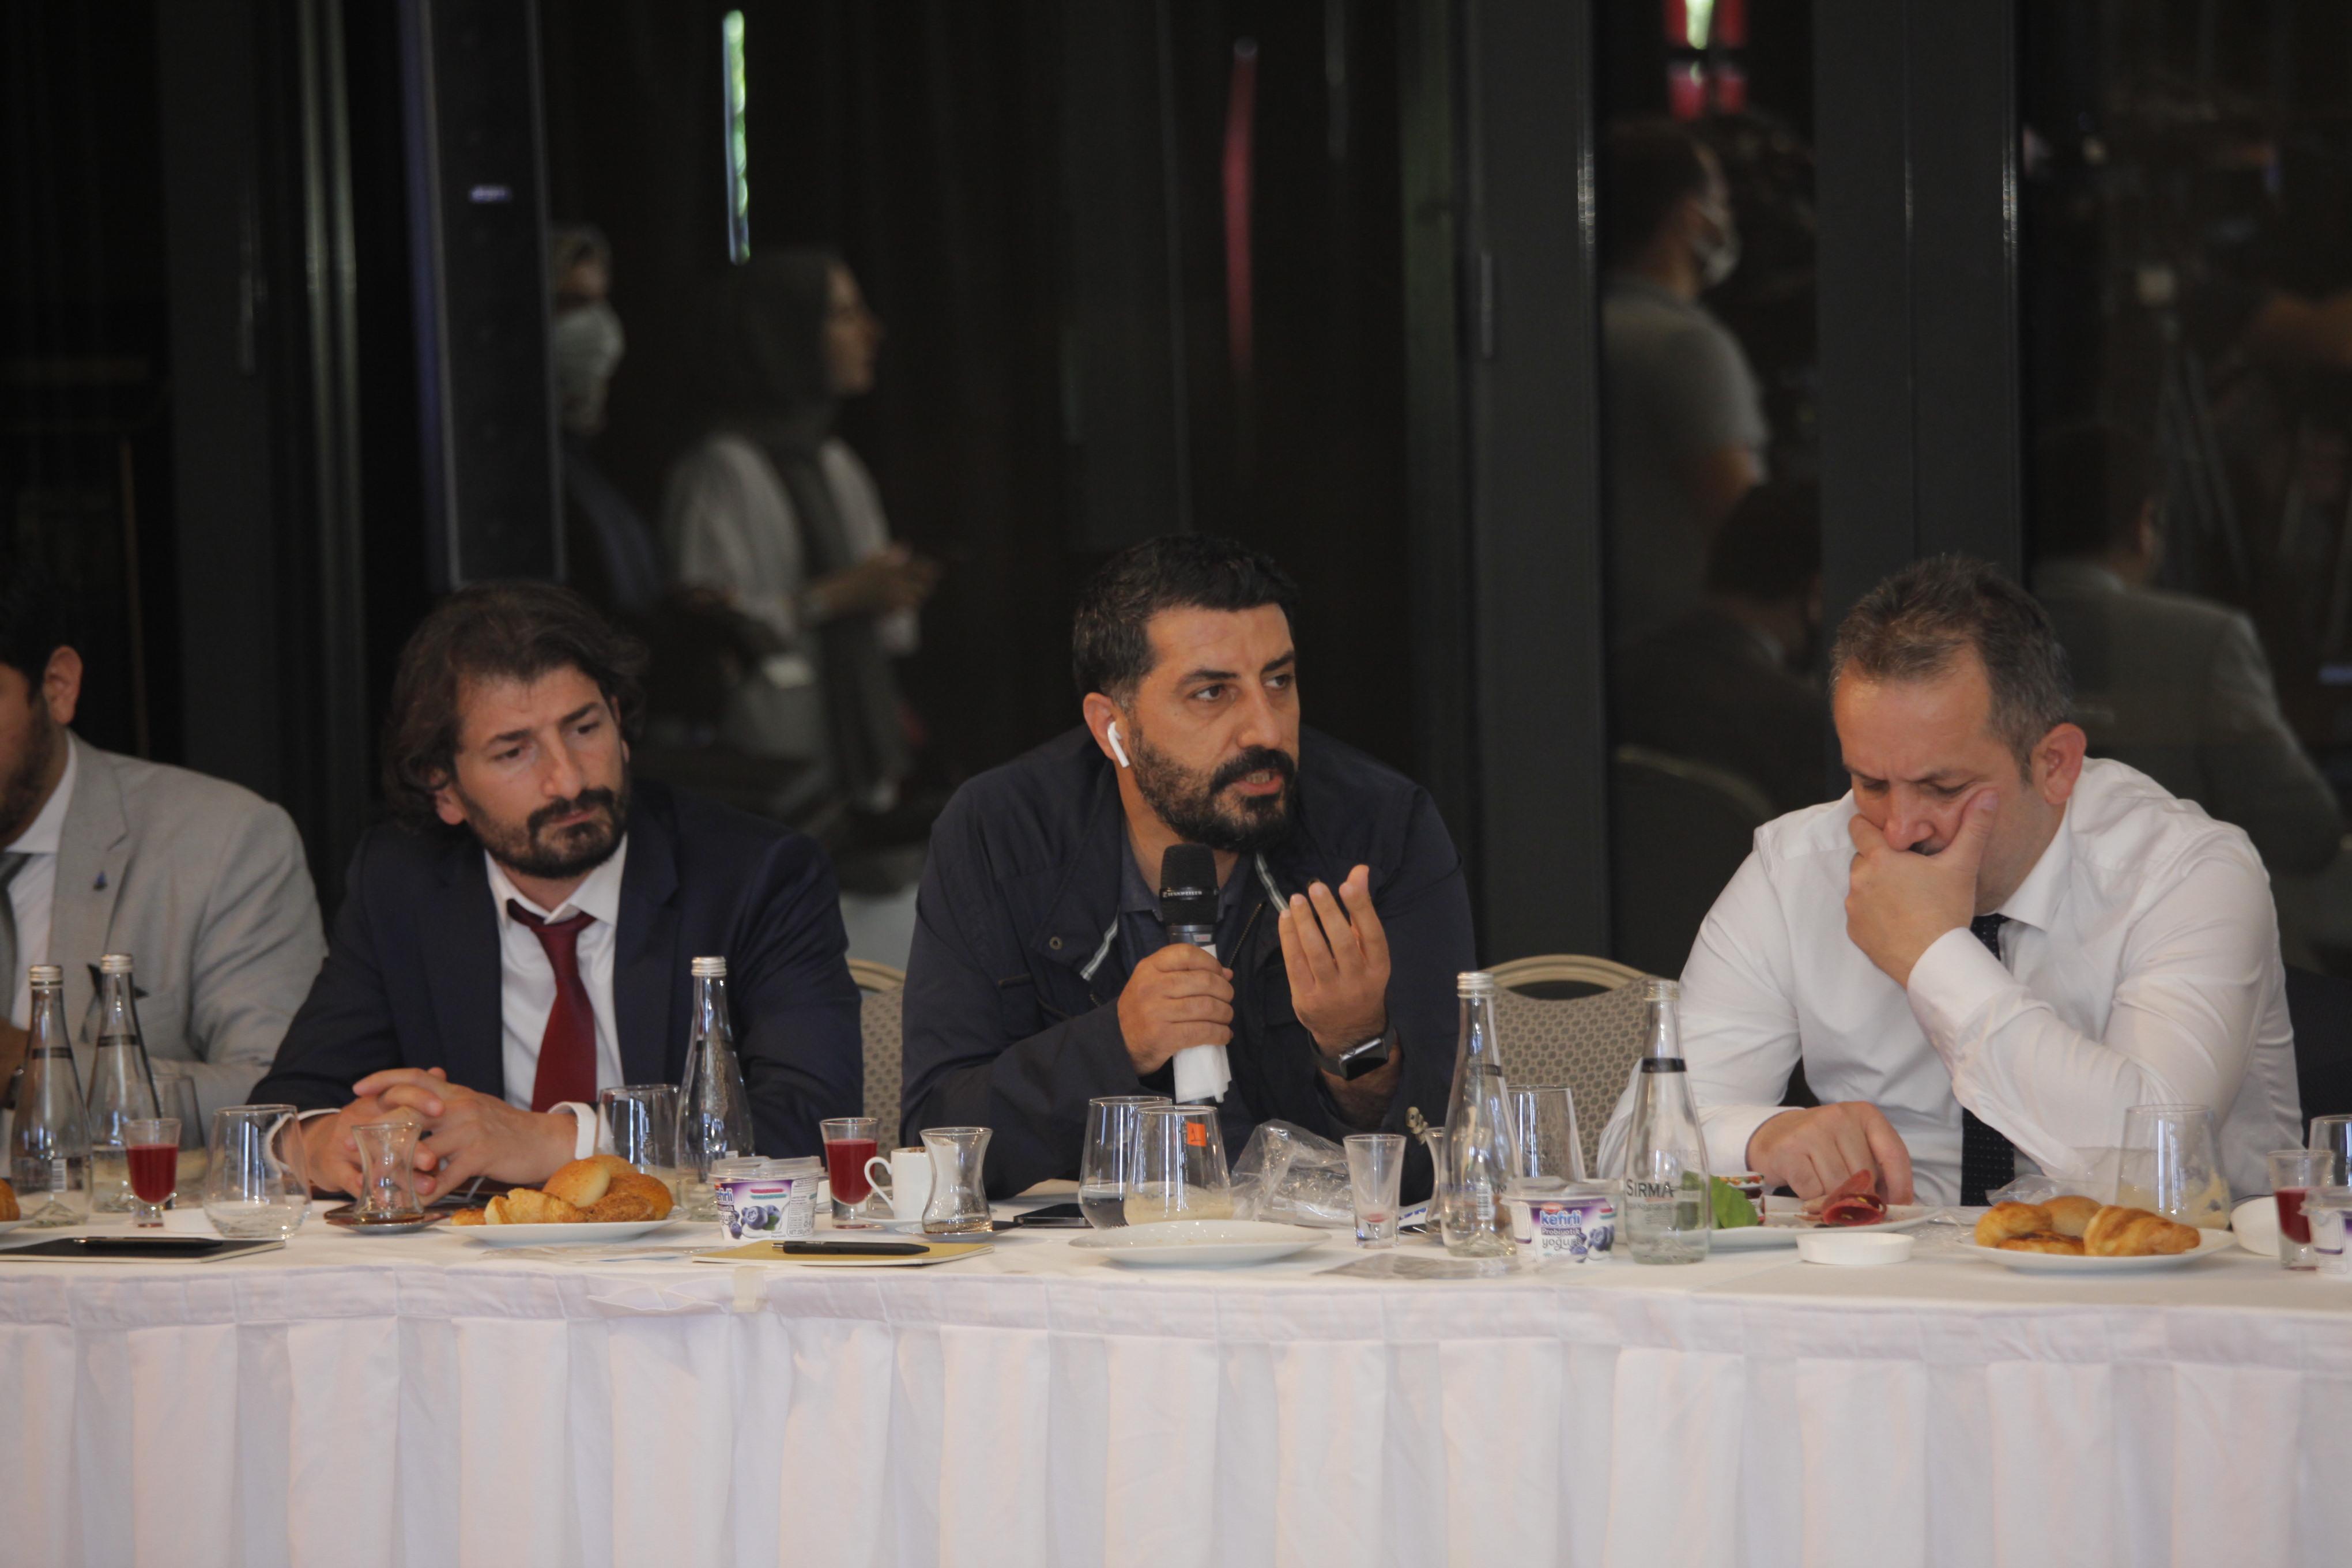 İlim Yayma Ödülleri Basın İstişare Toplantısı Gerçekleştirildi - Haberler - İlim Yayma Vakfı, İYV